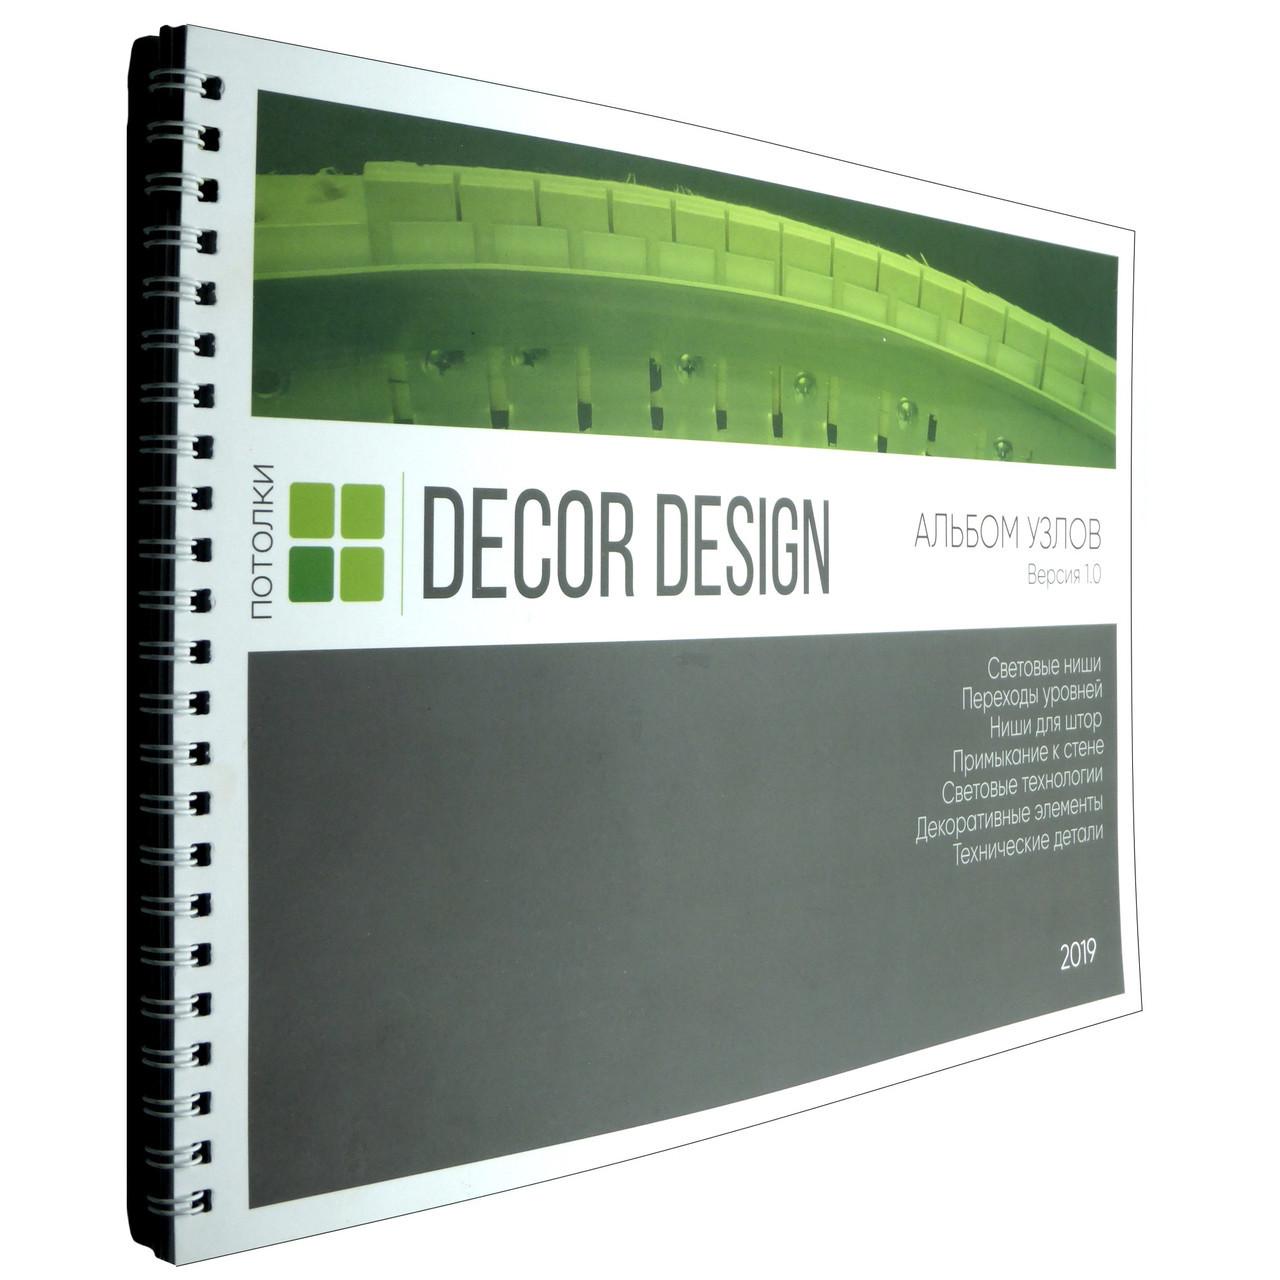 Промо материал для натяжных потолков. Альбом узлов версия 1.0 натяжных потолков от компании Decor Design